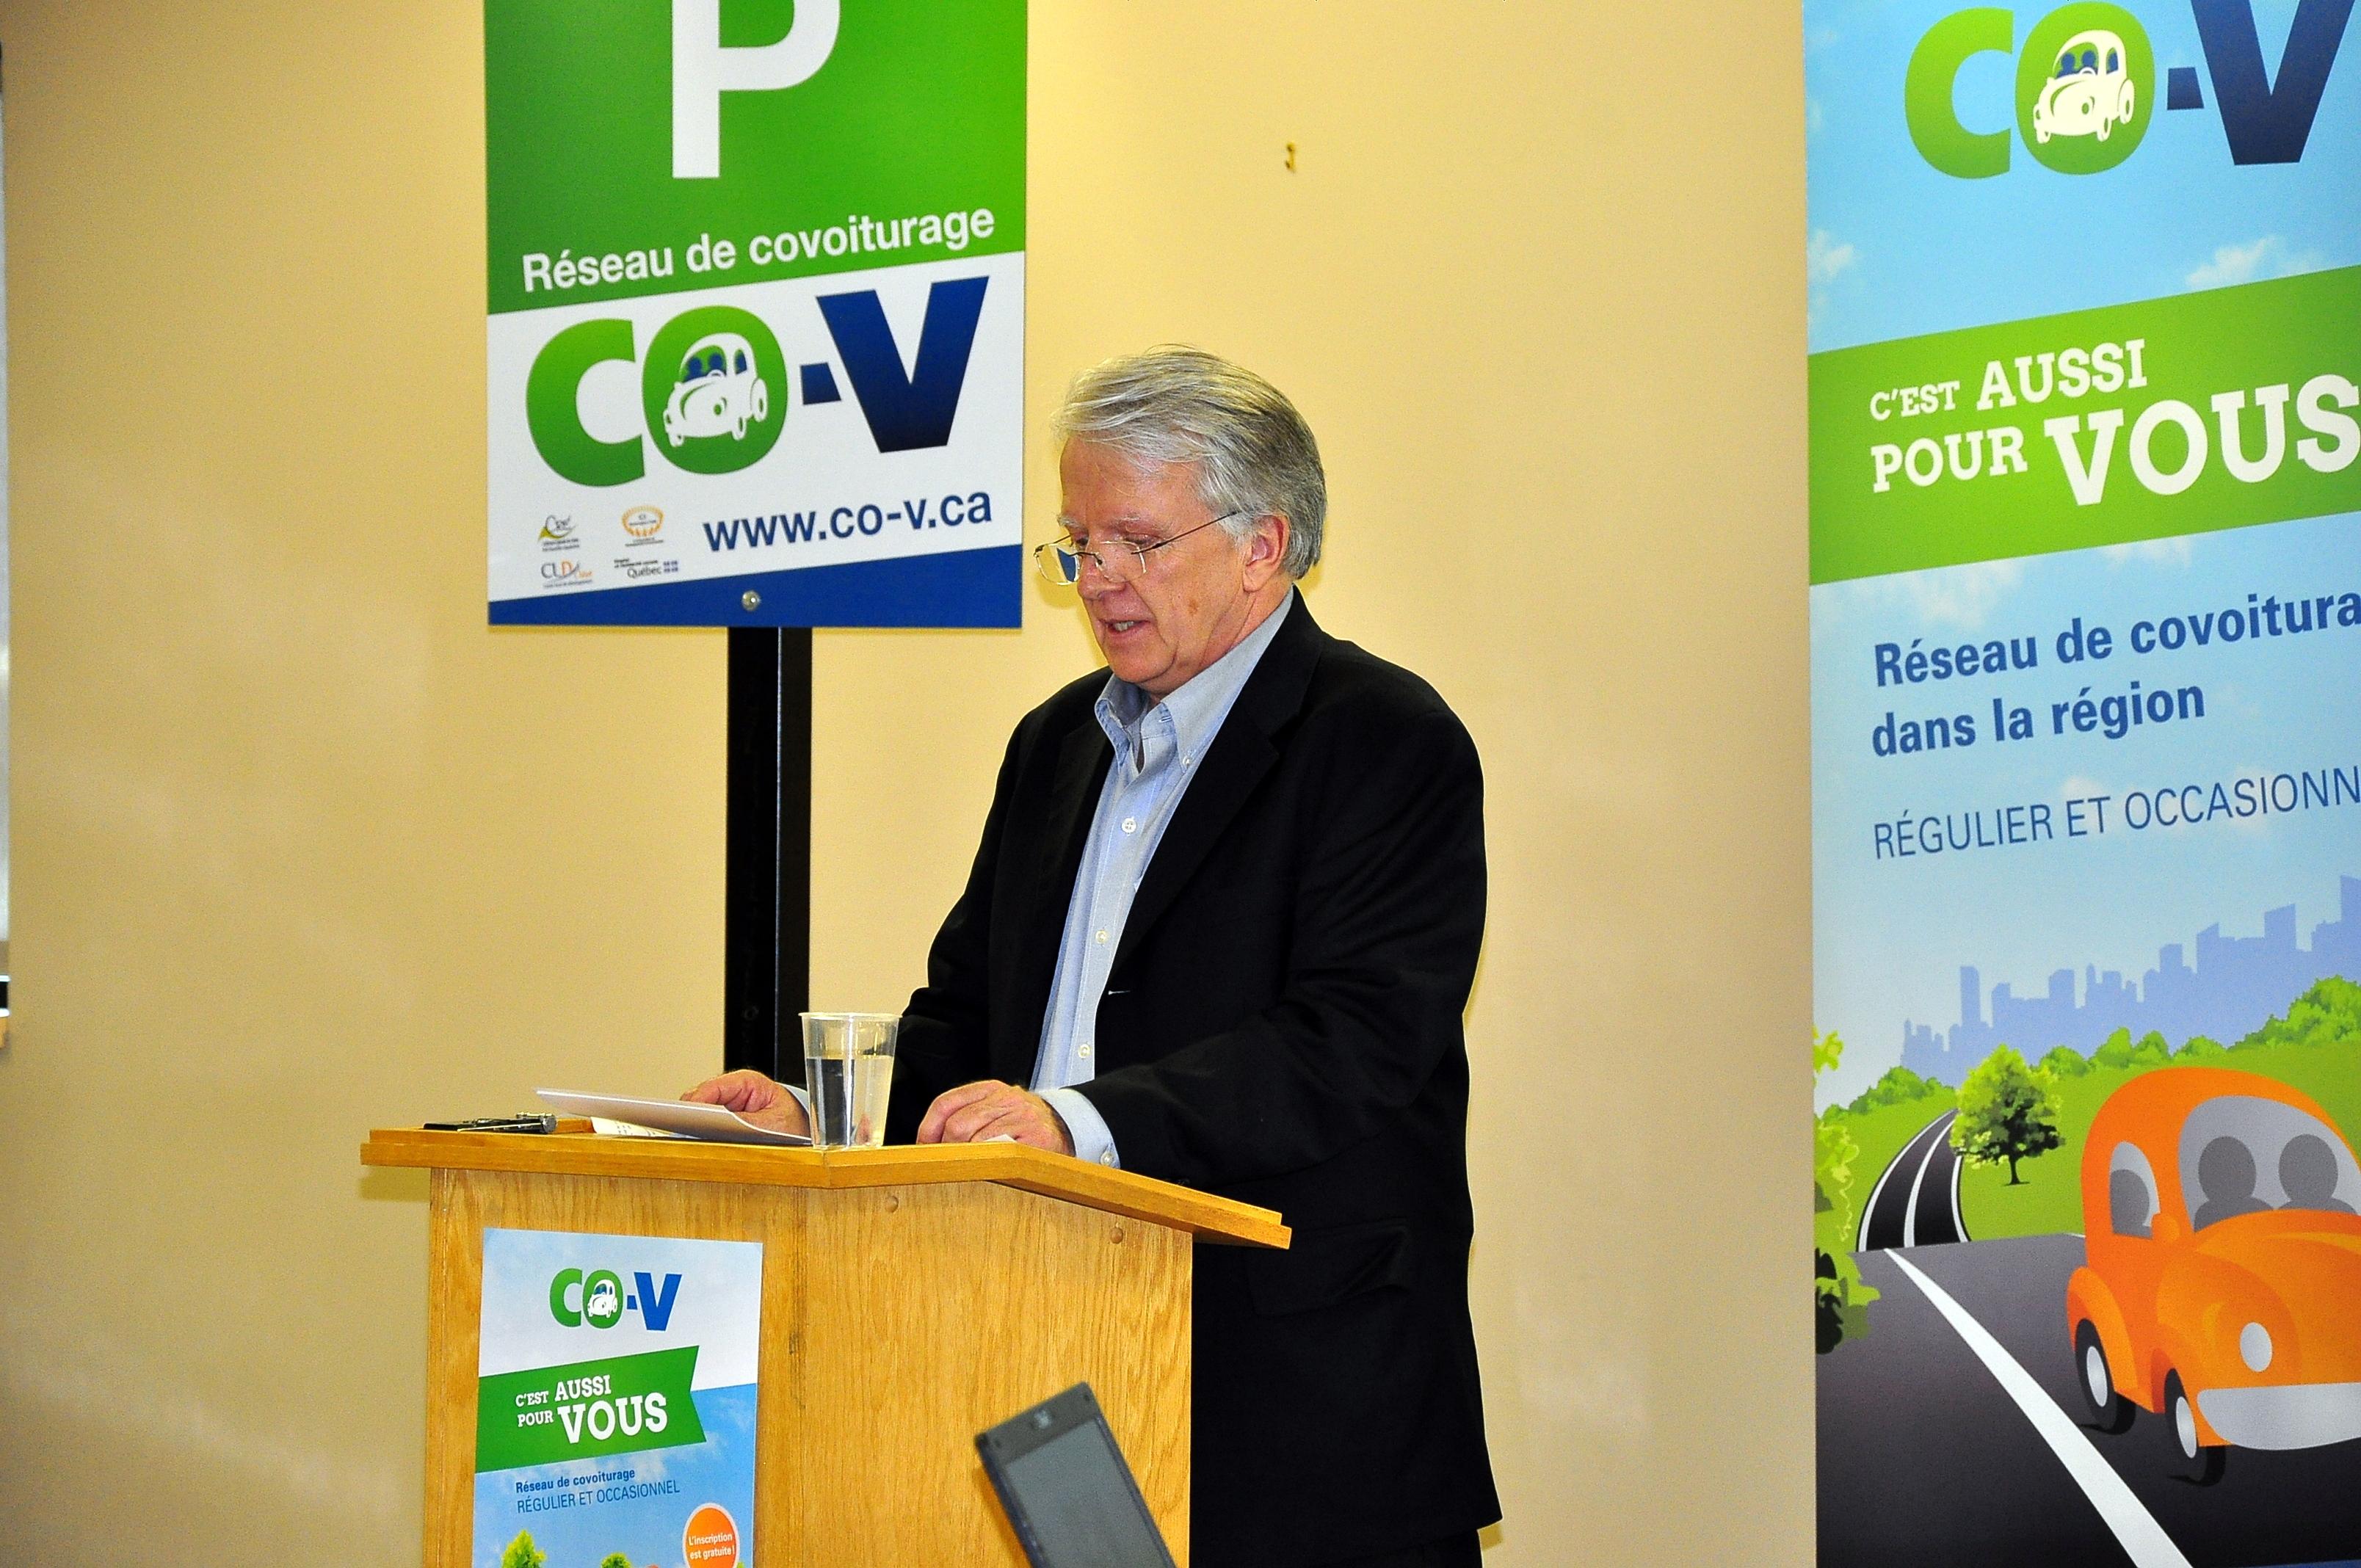 M. Guy Drouin, directeur de la CDC ICI Montmagny-L'Islet, dans une allocution qui a souligné l'efficacité des efforts conjoints entre les différentes instances de la région impliquées dans le projet CO-CV.